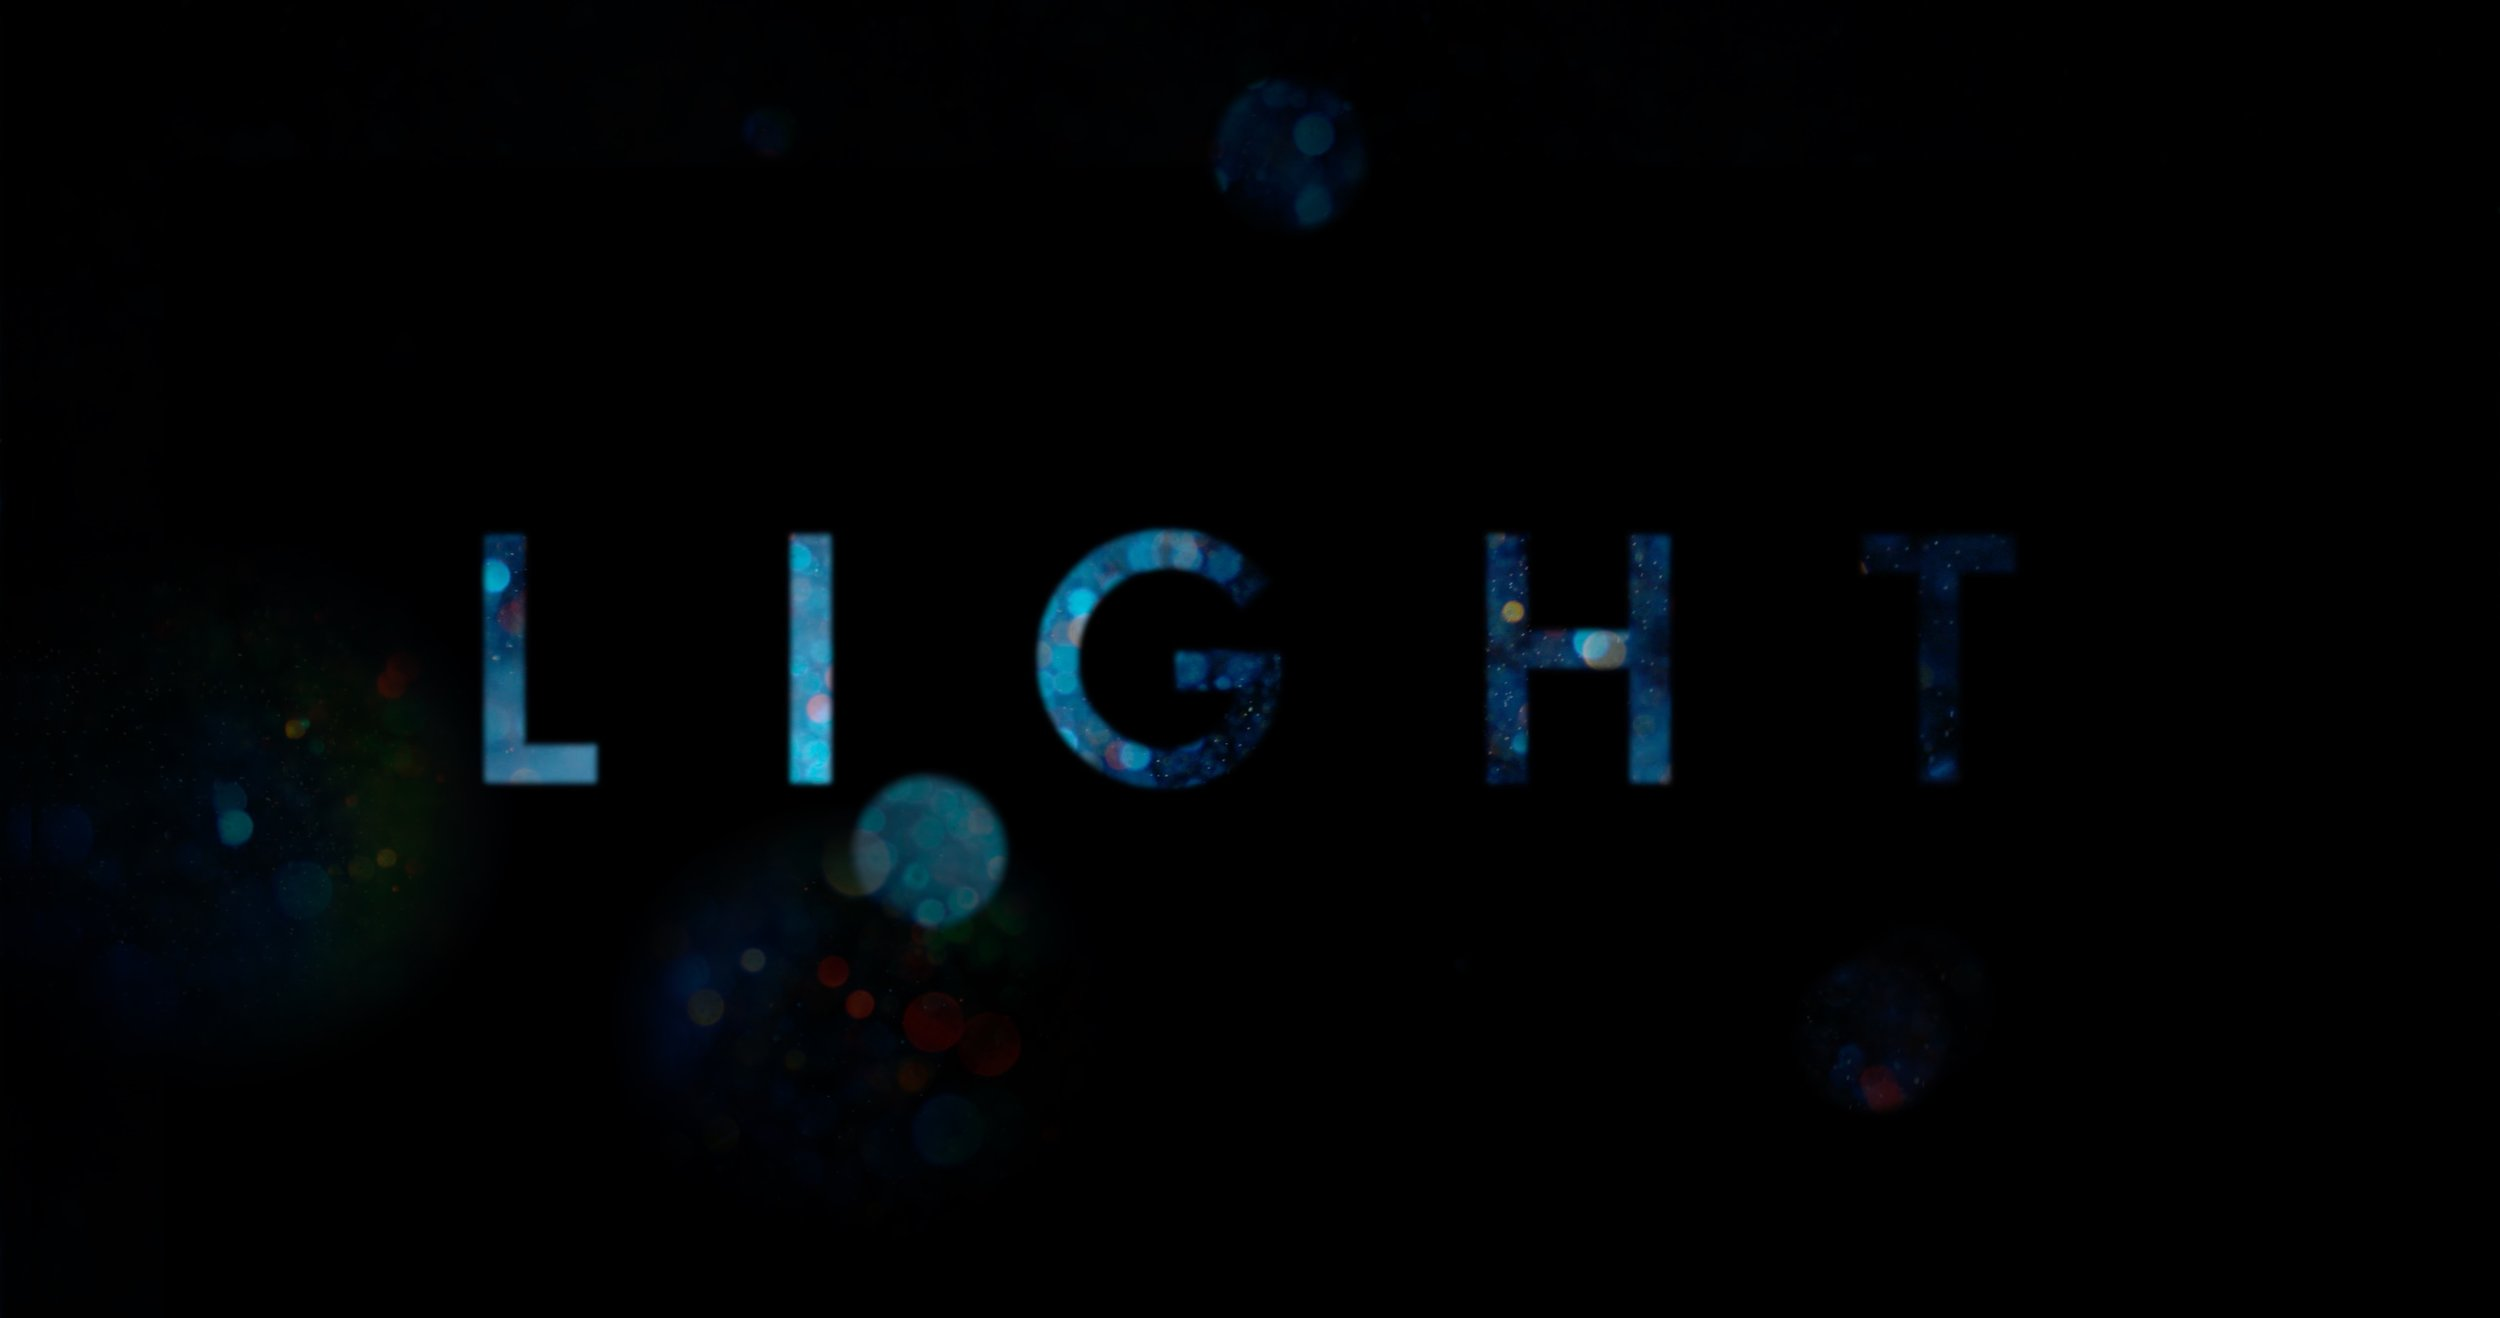 Light_001.jpg